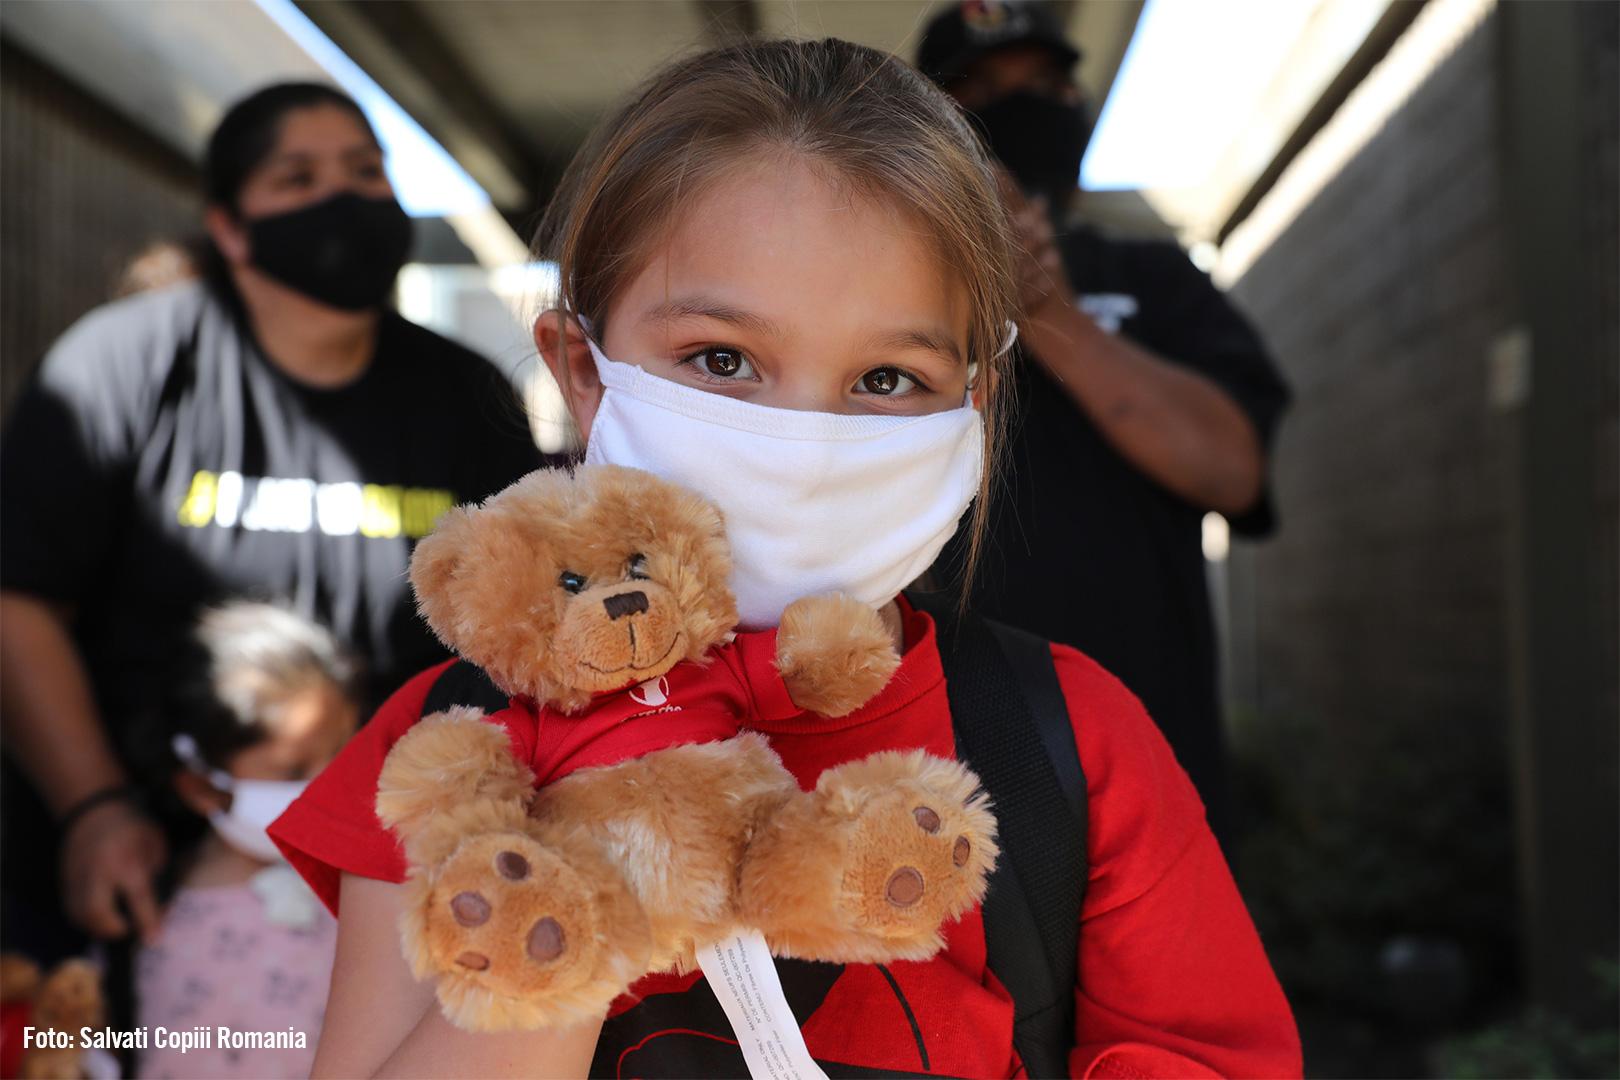 Salvați Copiii cere Parlamentului și Guvernului României măsuri urgente pentru 10 probleme majore cu care se confruntă copiii în România